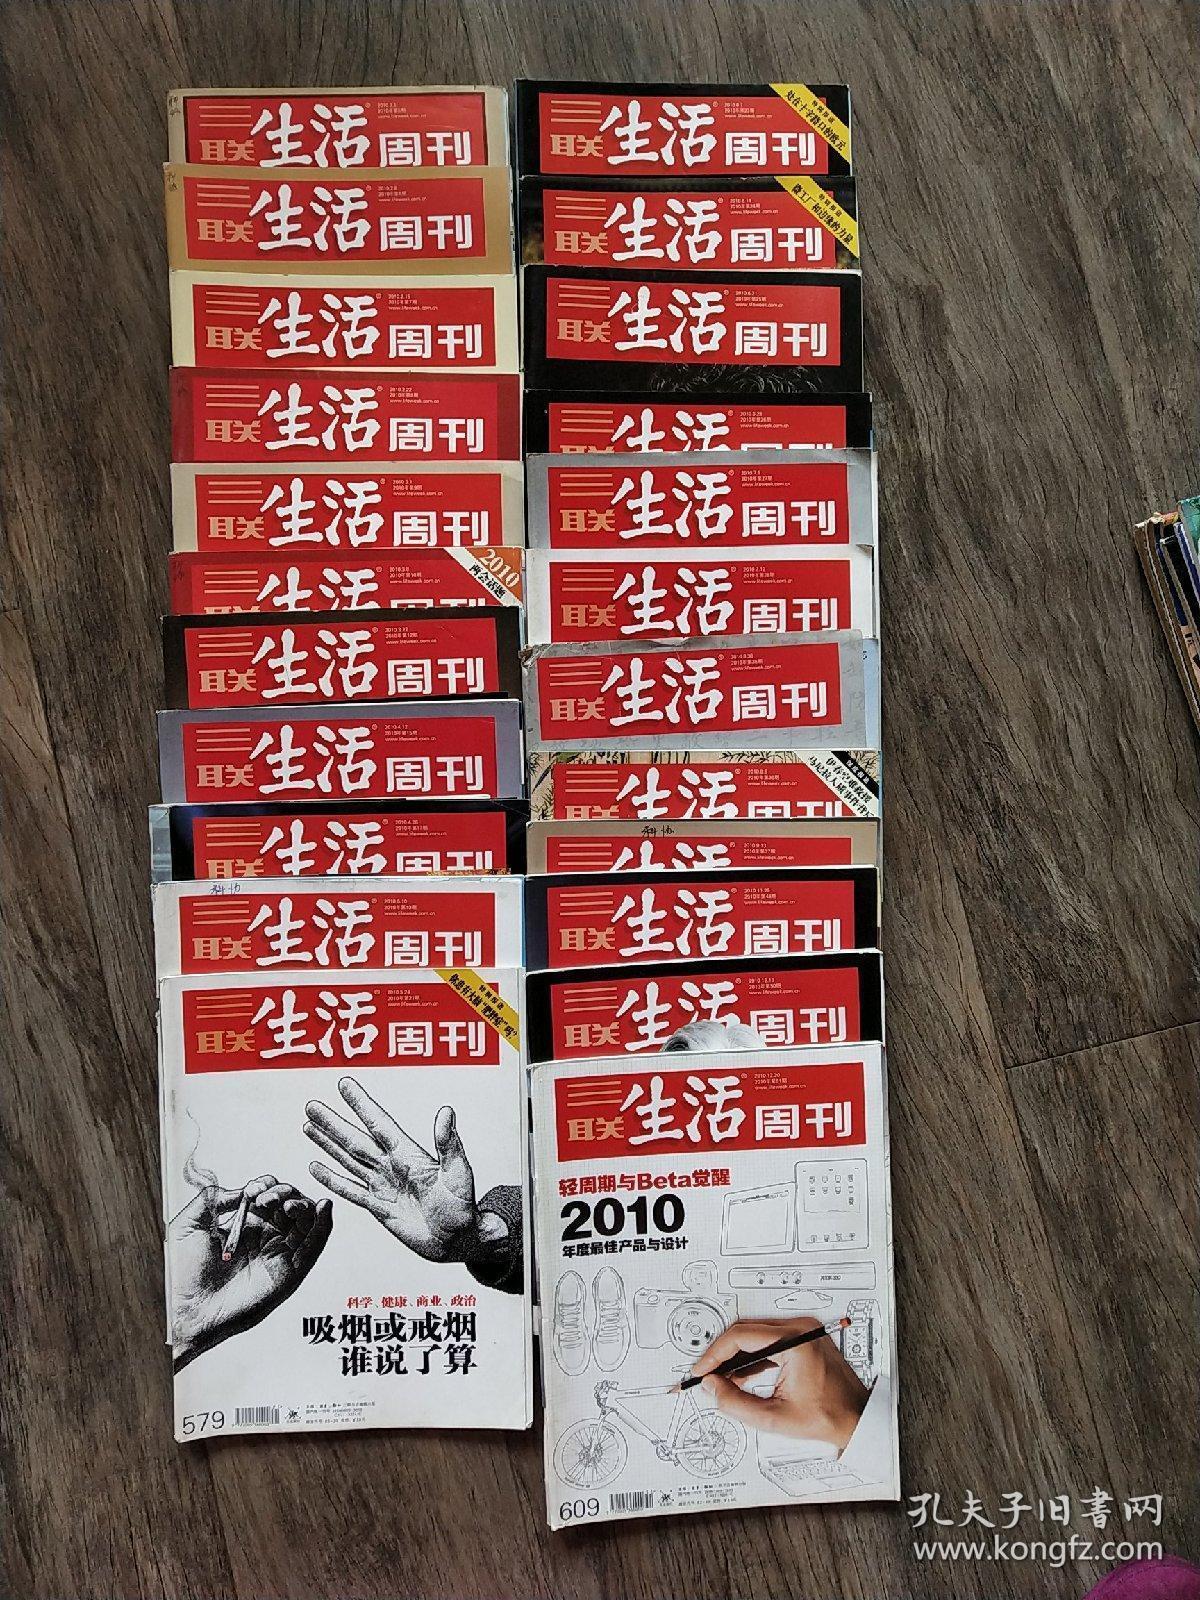 三联生活周刊  2010年【(5-10)/12/15/17/19/21/(23-28)/35/36/37/48/50/51】共23本合售